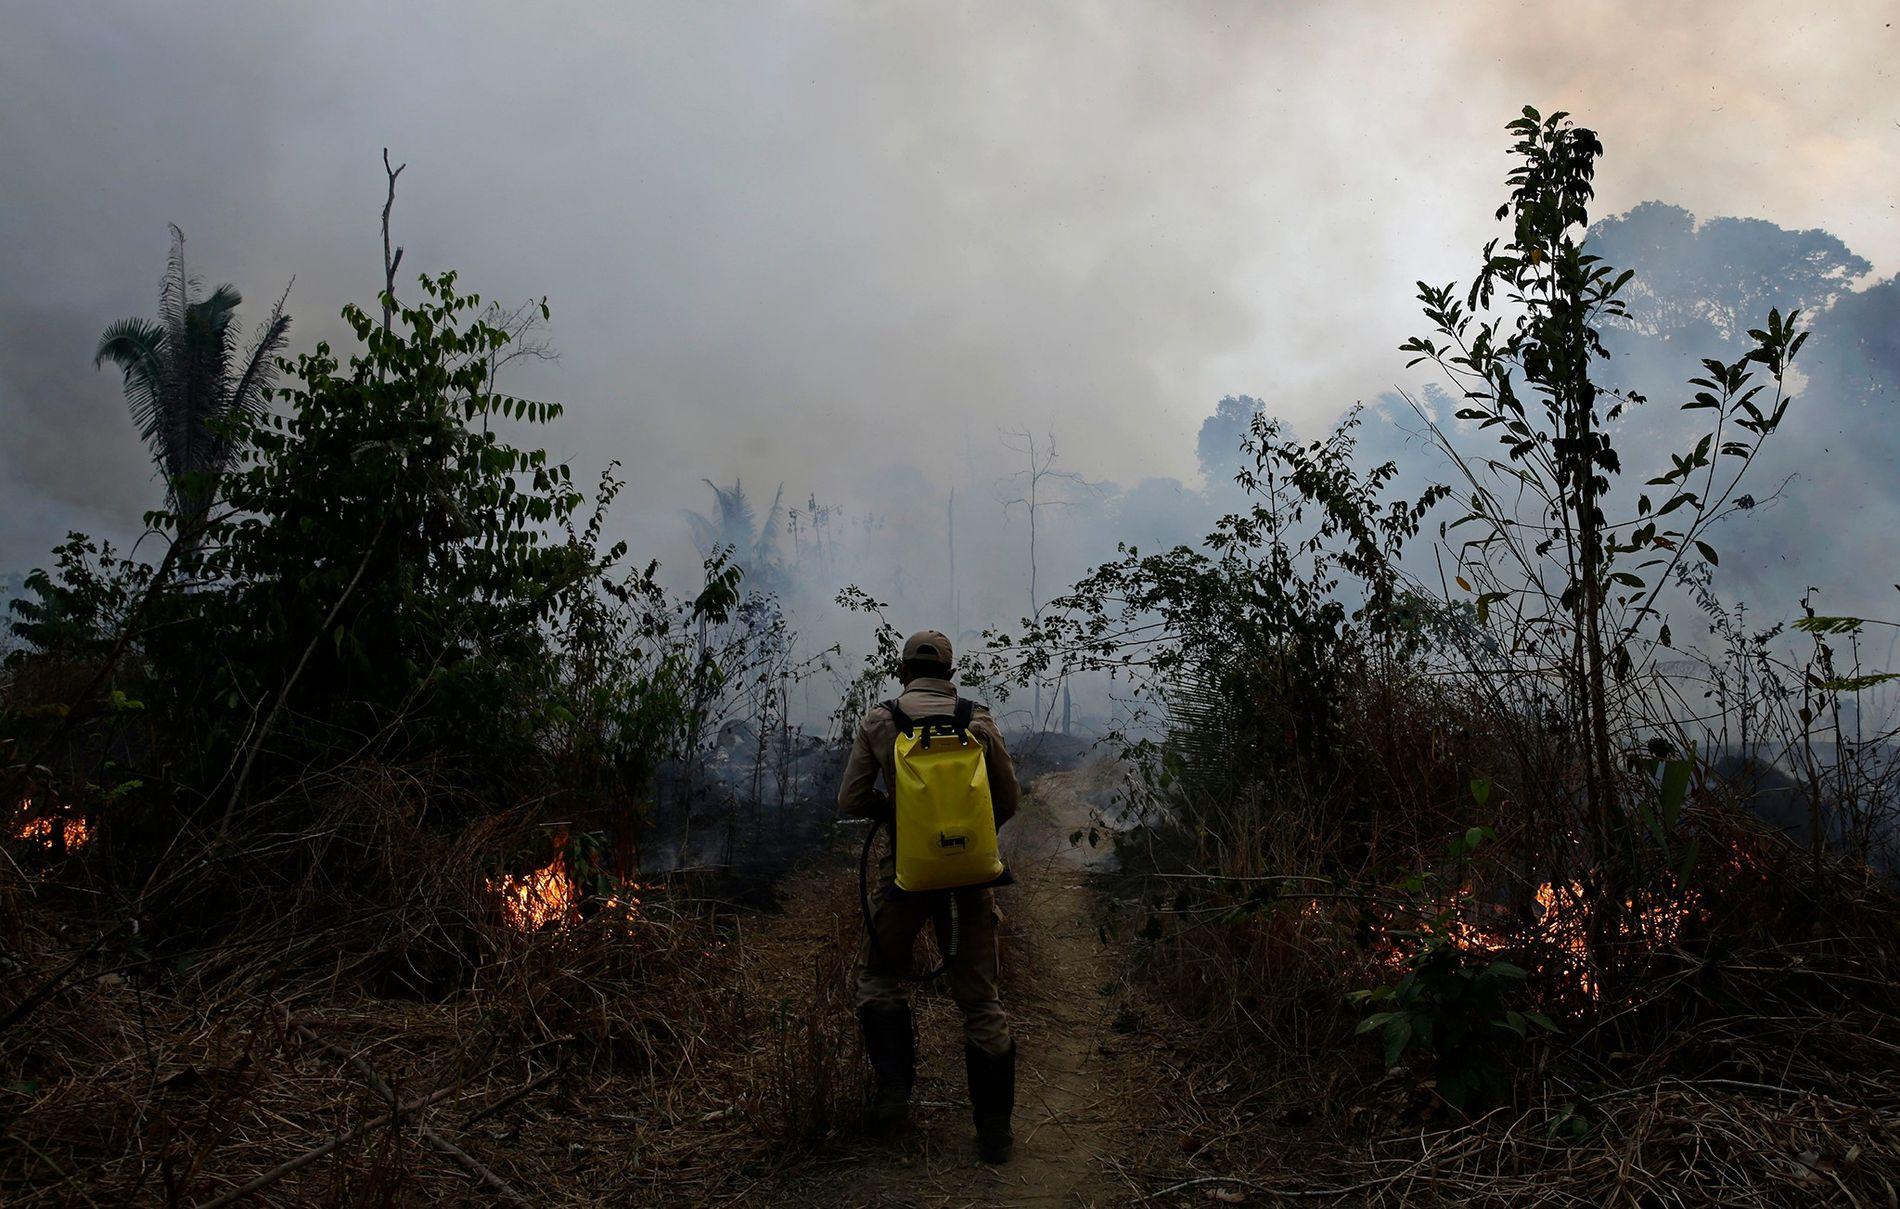 Un bombero trabaja para apagar las llamas a lo largo de un camino en el Bosque ...